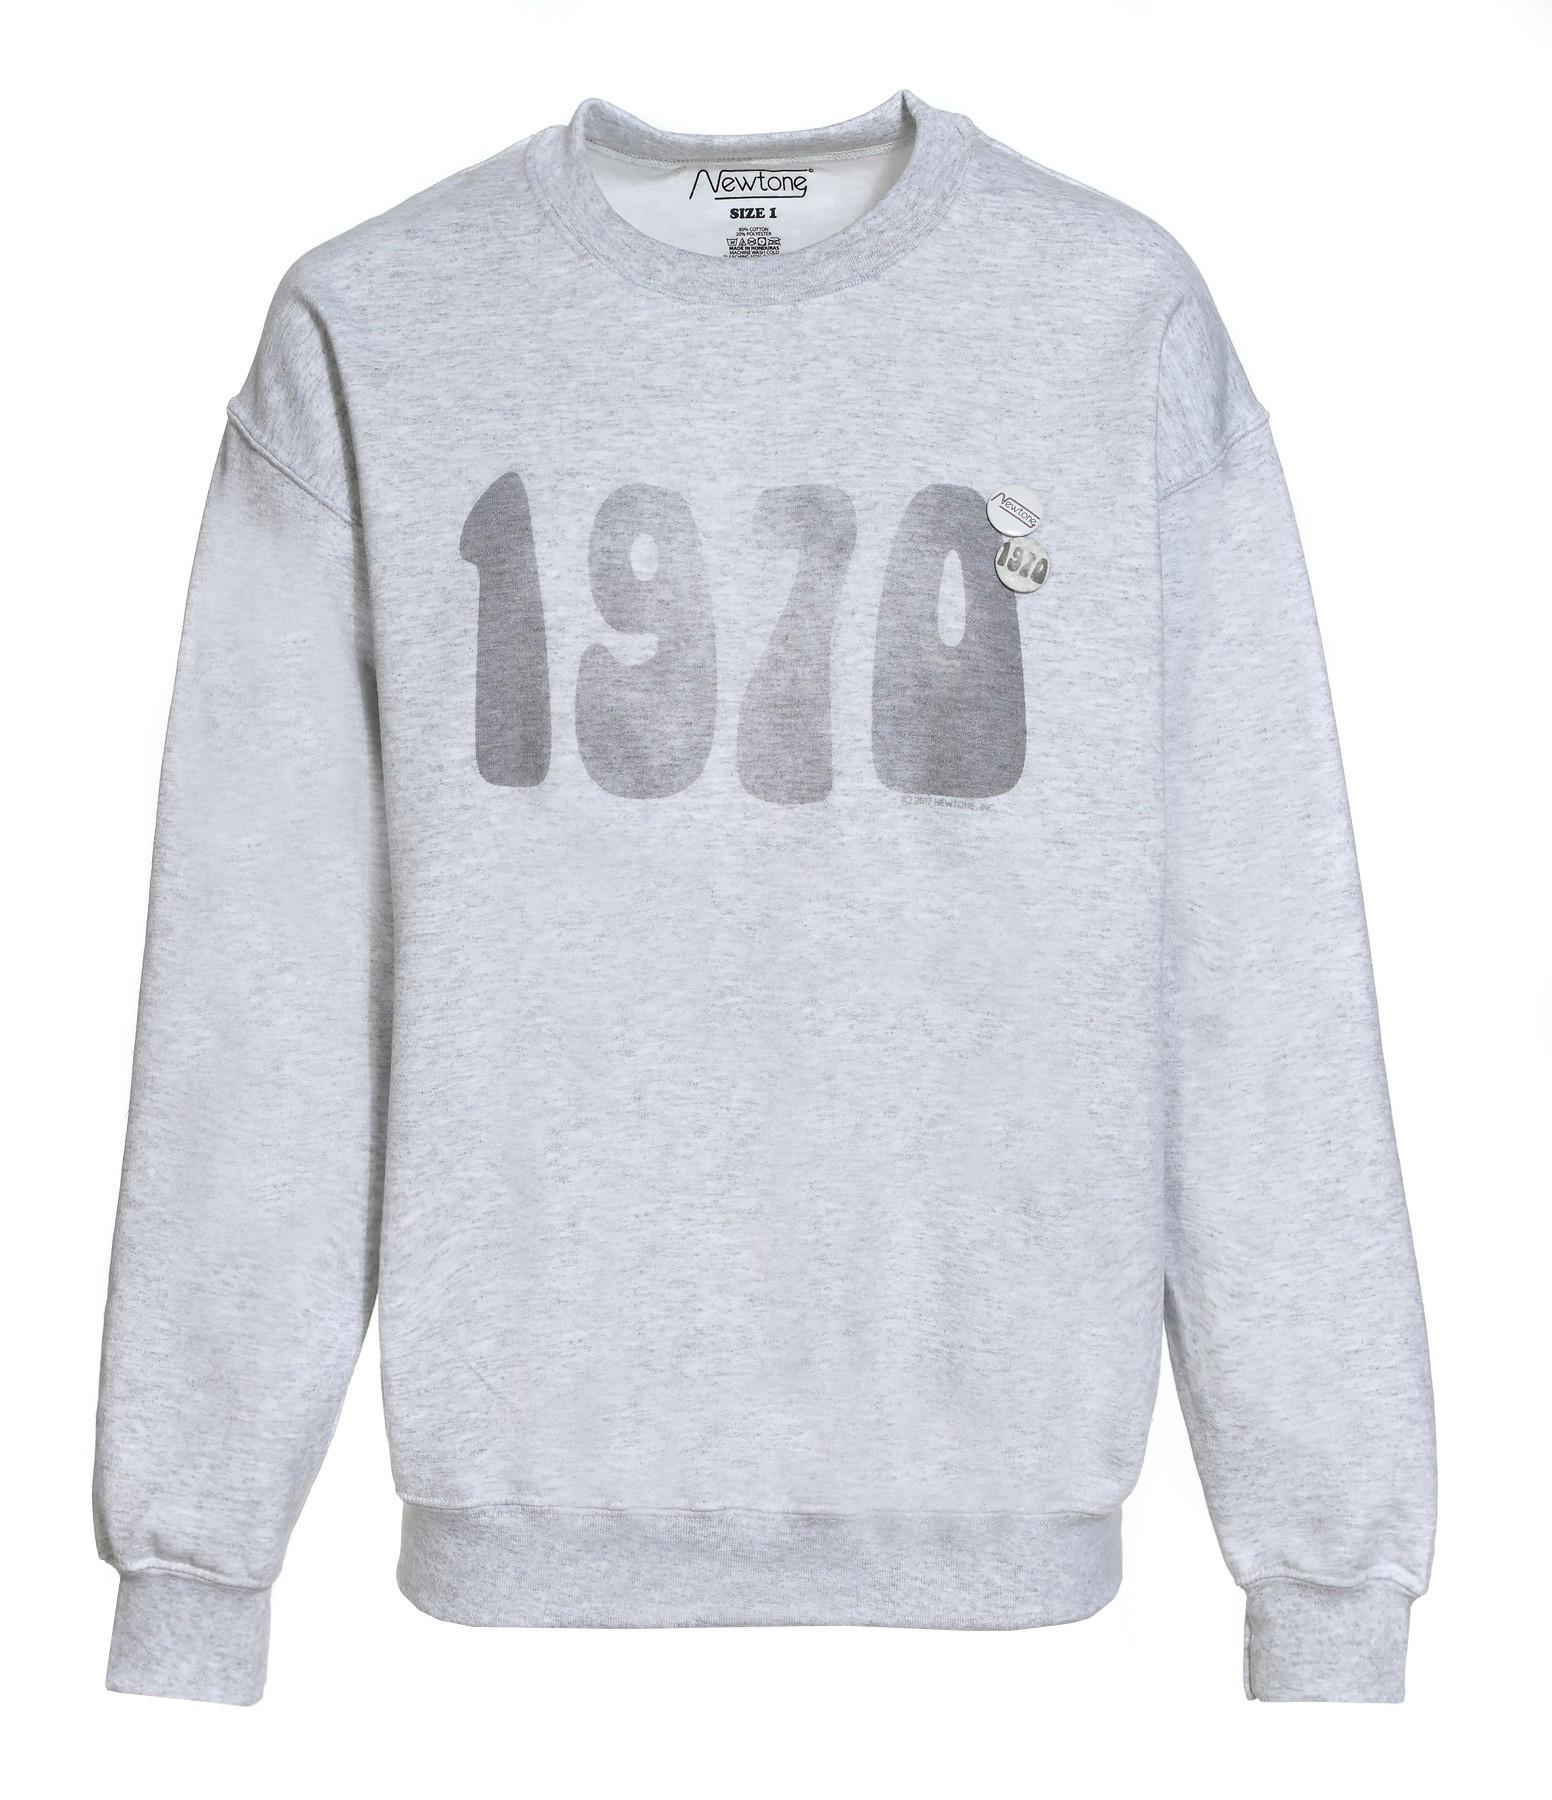 NEWTONE - Sweatshirt 1970 Ash